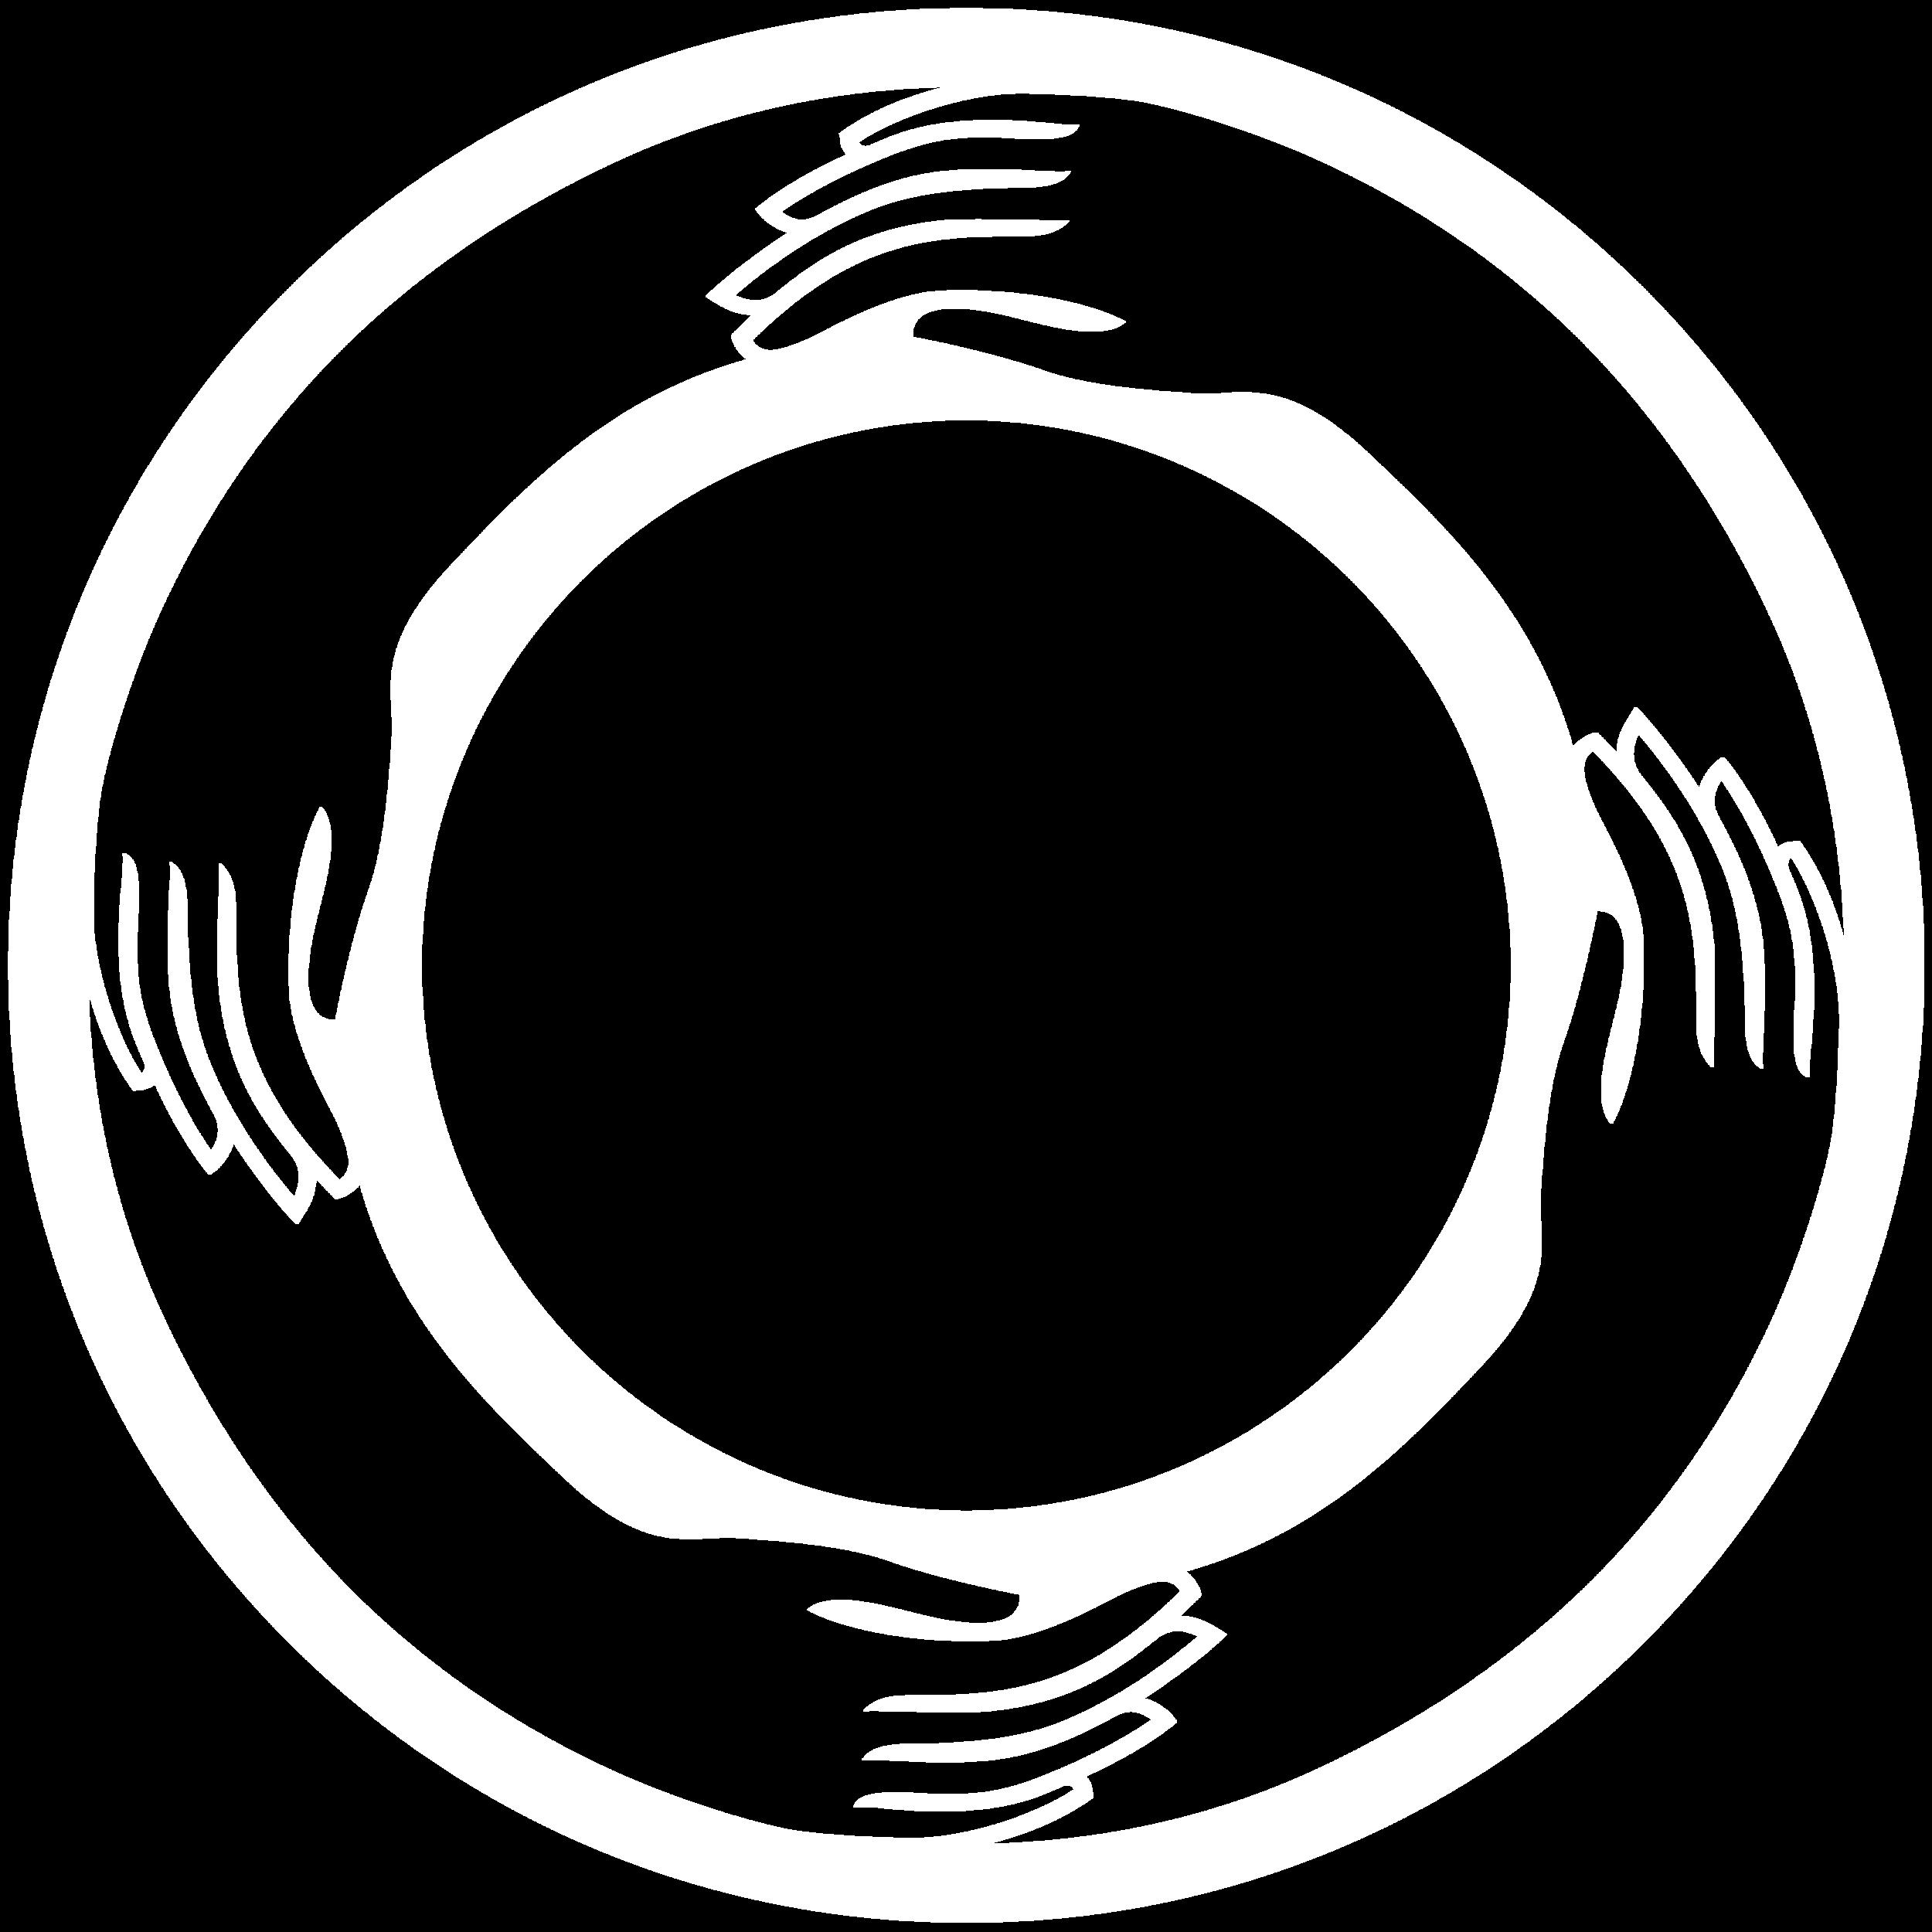 OC_Logo-01.png